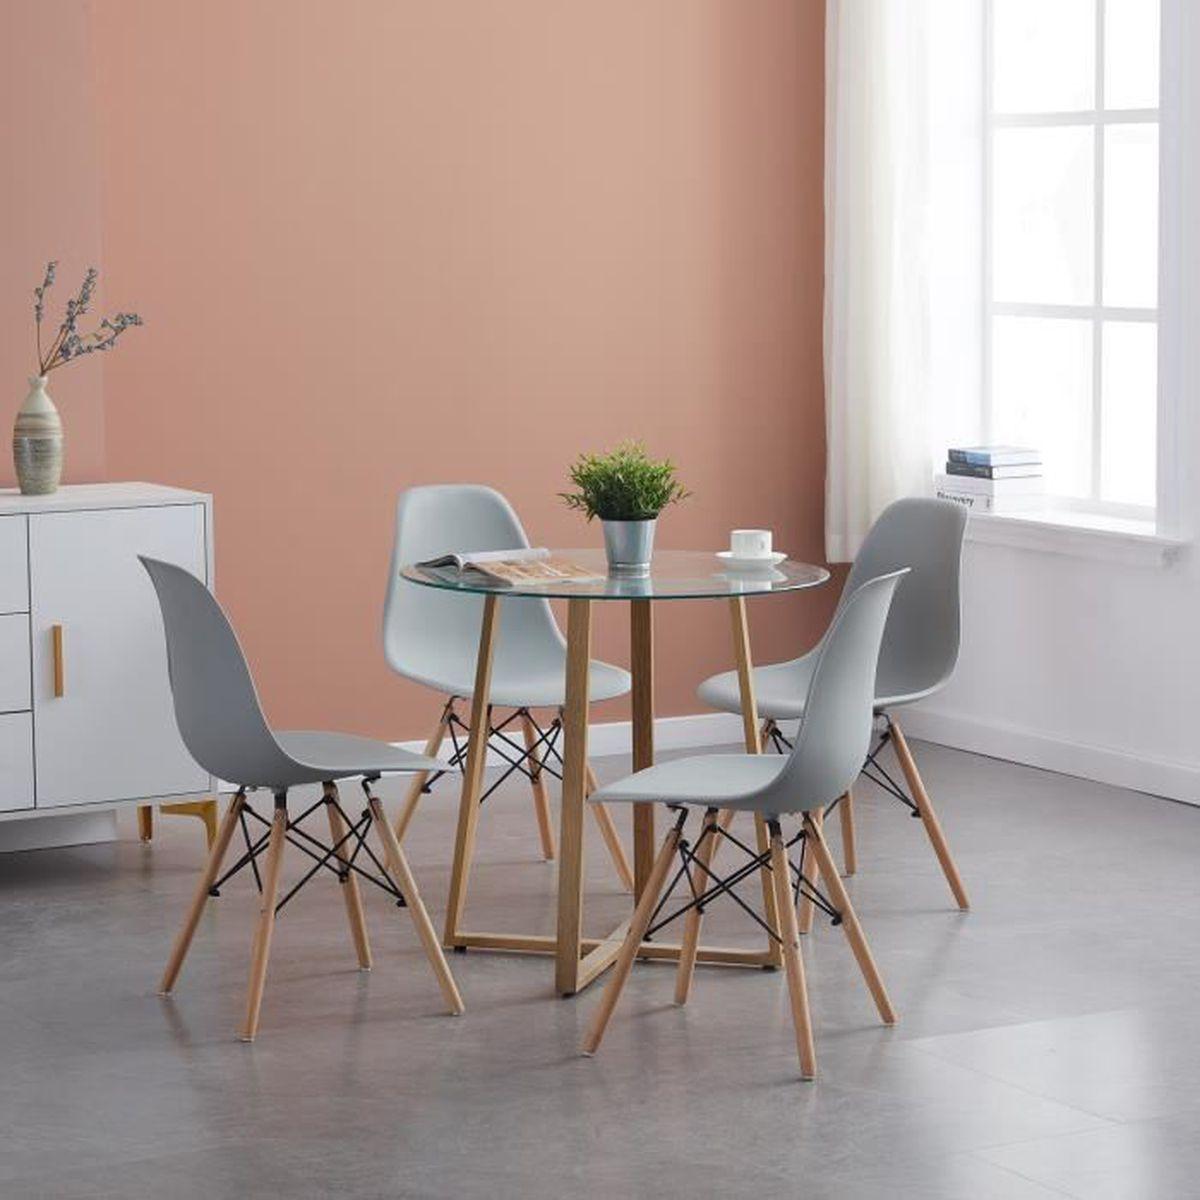 LiePu Ensemble table à manger de 5 à 5 personnes + 5 chaises gris